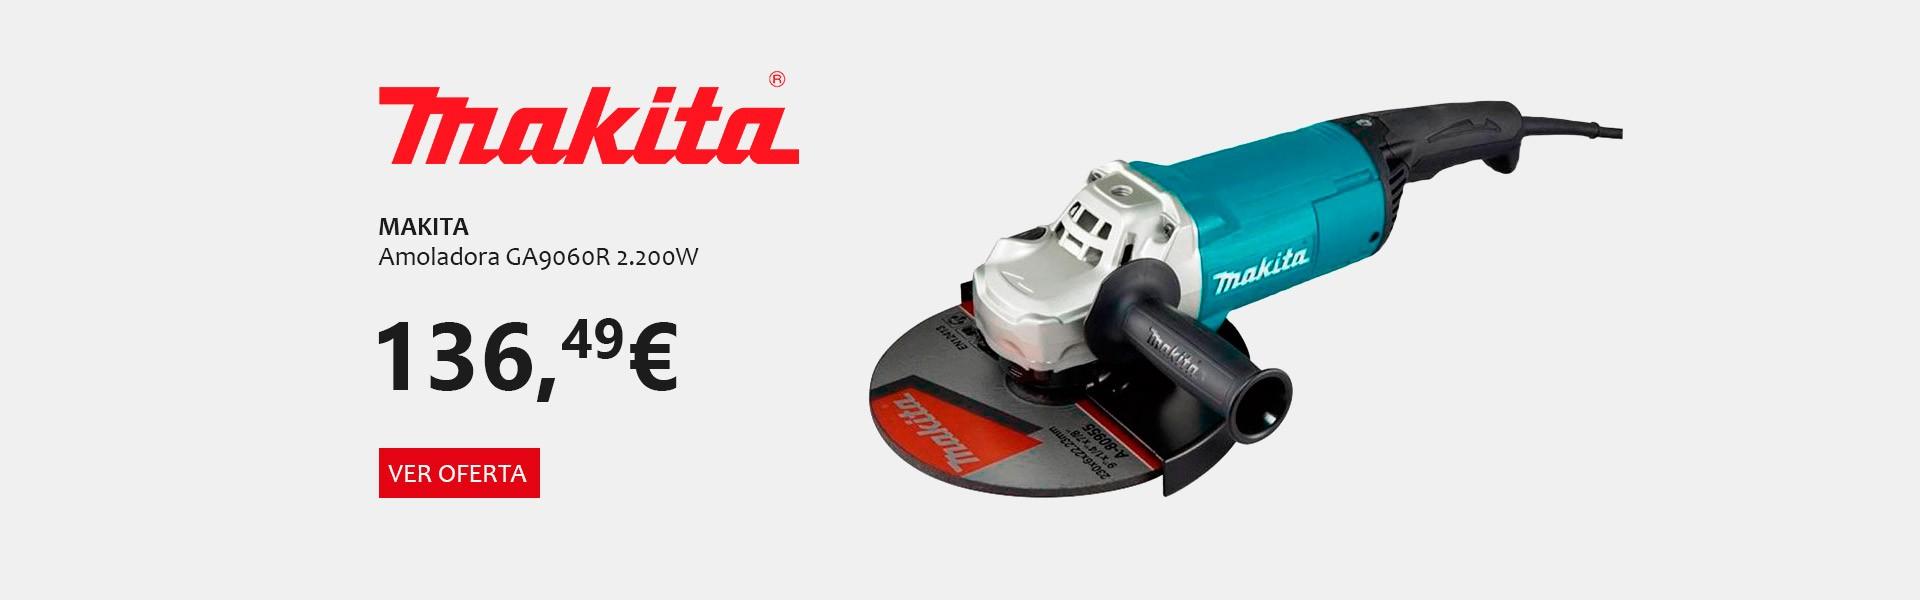 Oferta Makita Amoladora GA9060R